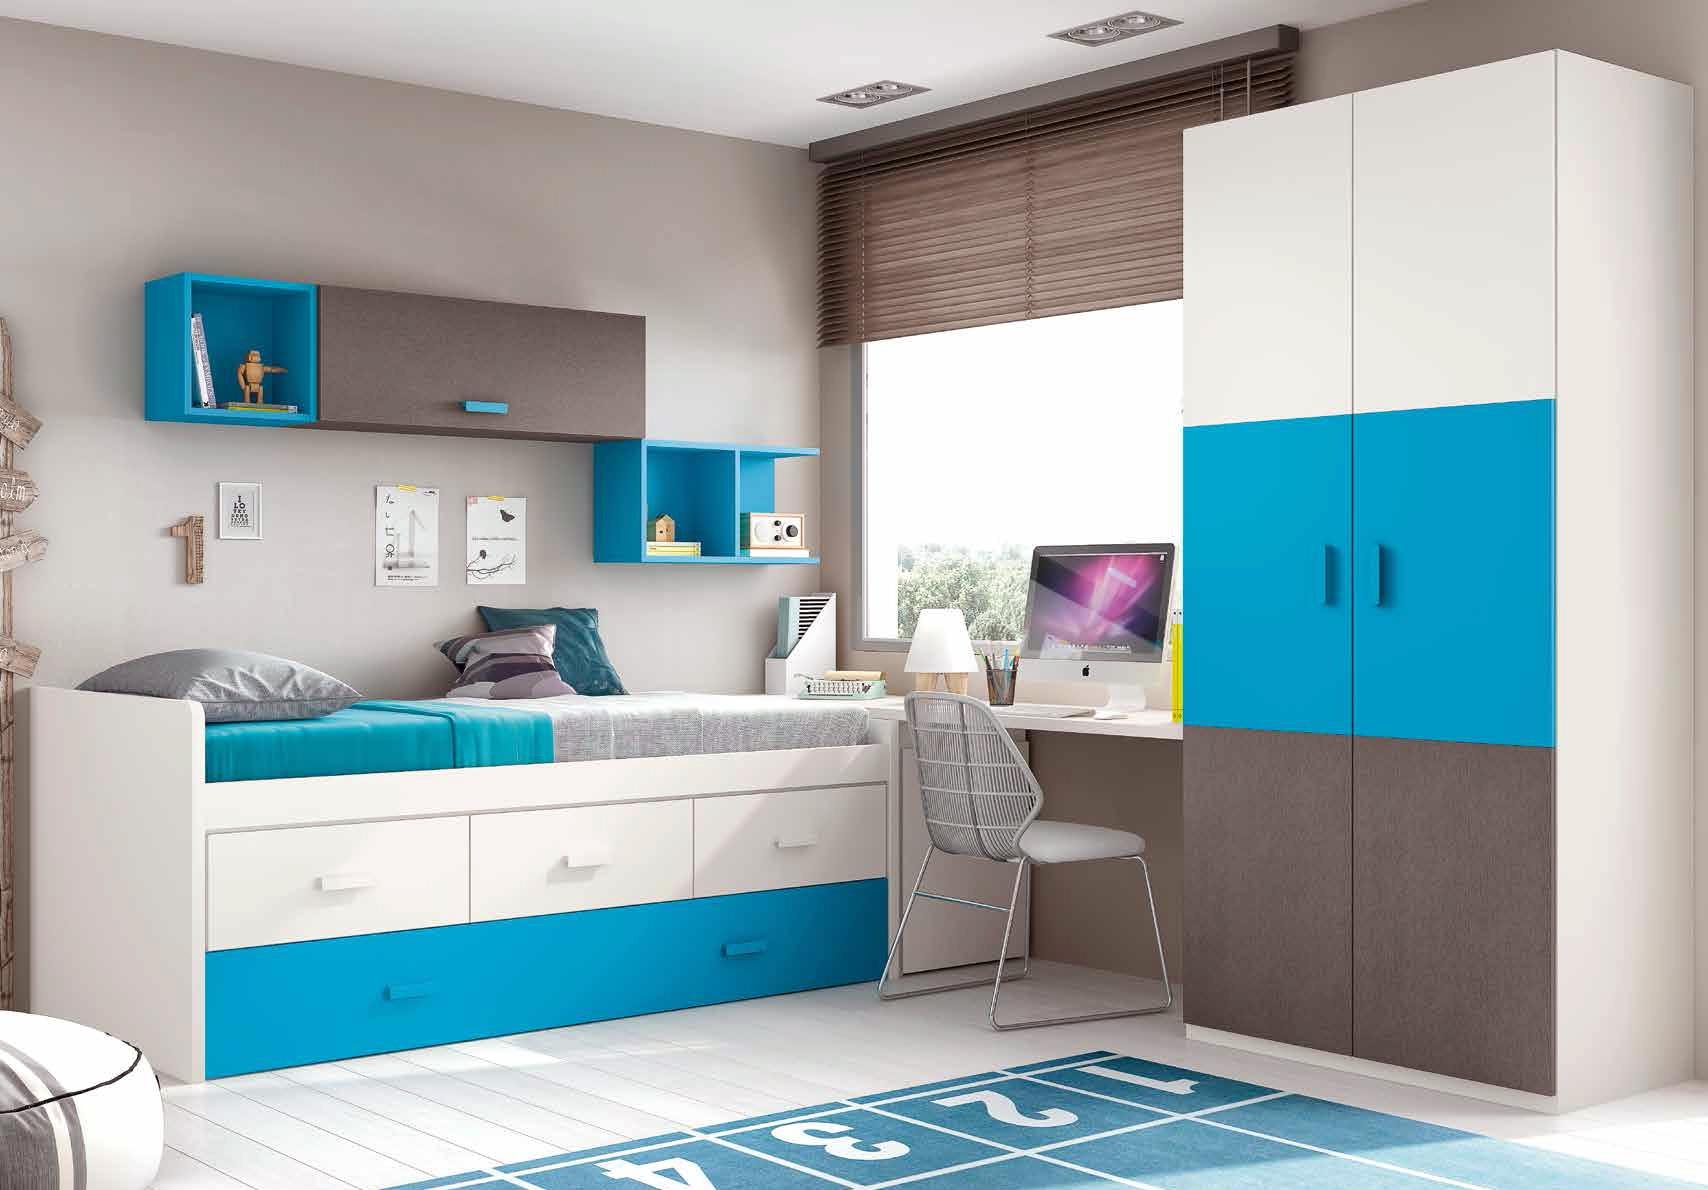 chambre garon moderne et fun avec lit surlev  GLICERIO  SO NUIT